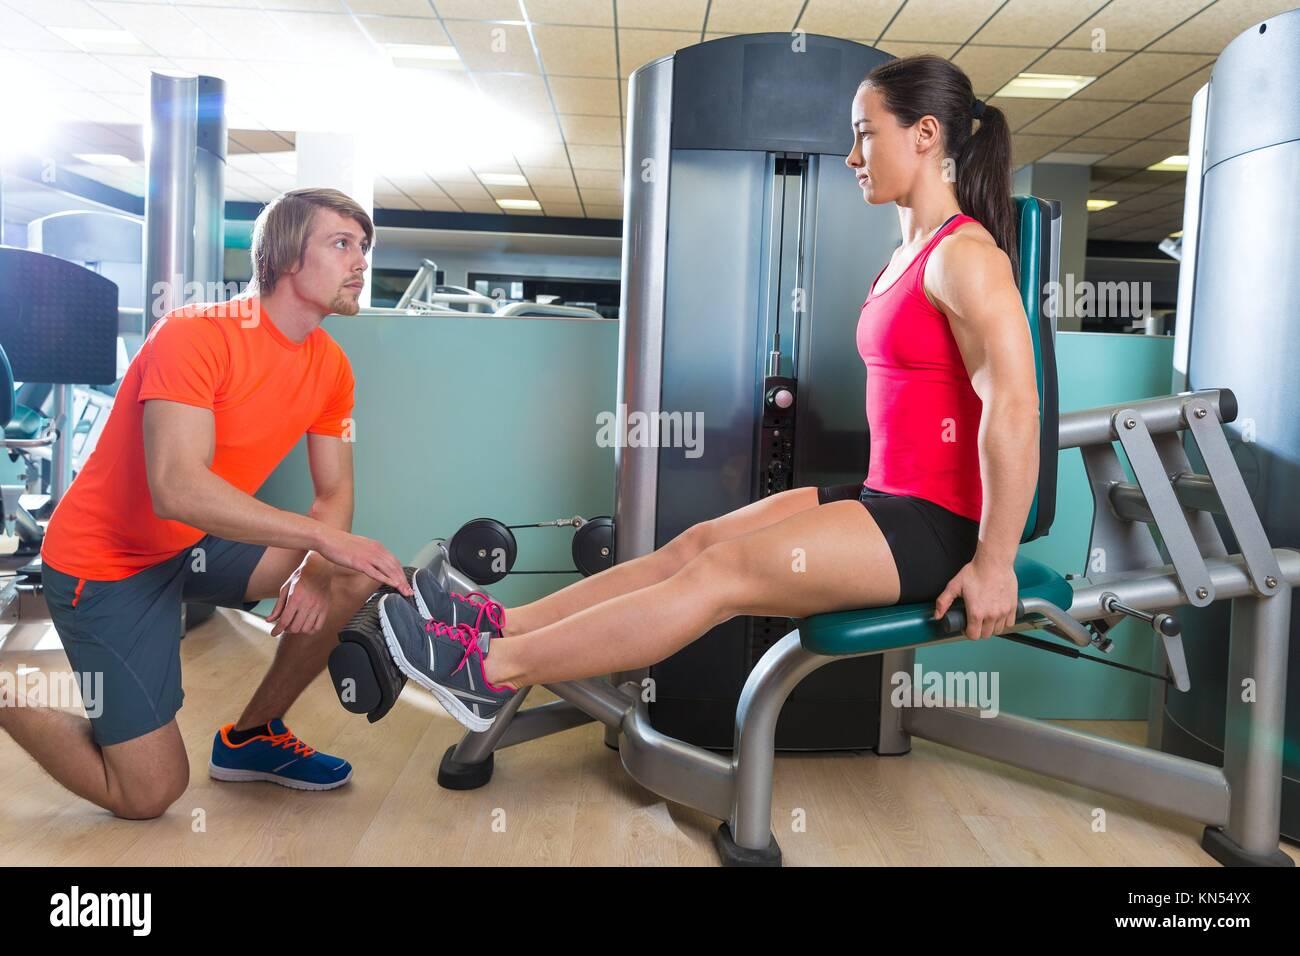 Extension mollet femme à gym machine d'exercice d'entraînement et entraîneur personnel femme. Photo Stock